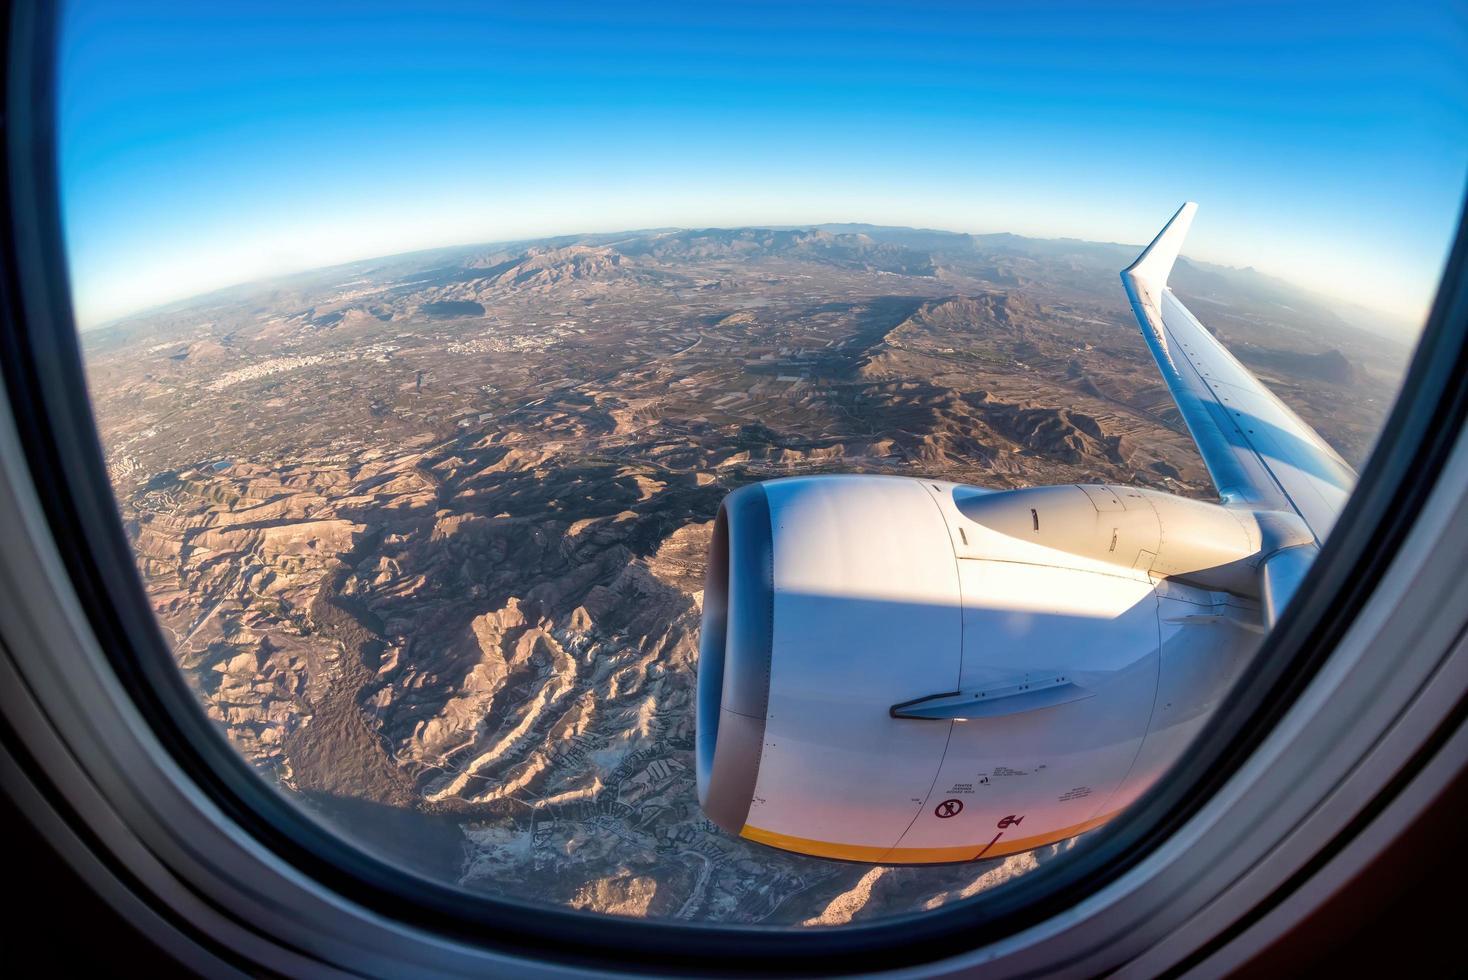 Una vista desde el asiento de la ventana despegando desde Alicante, España foto